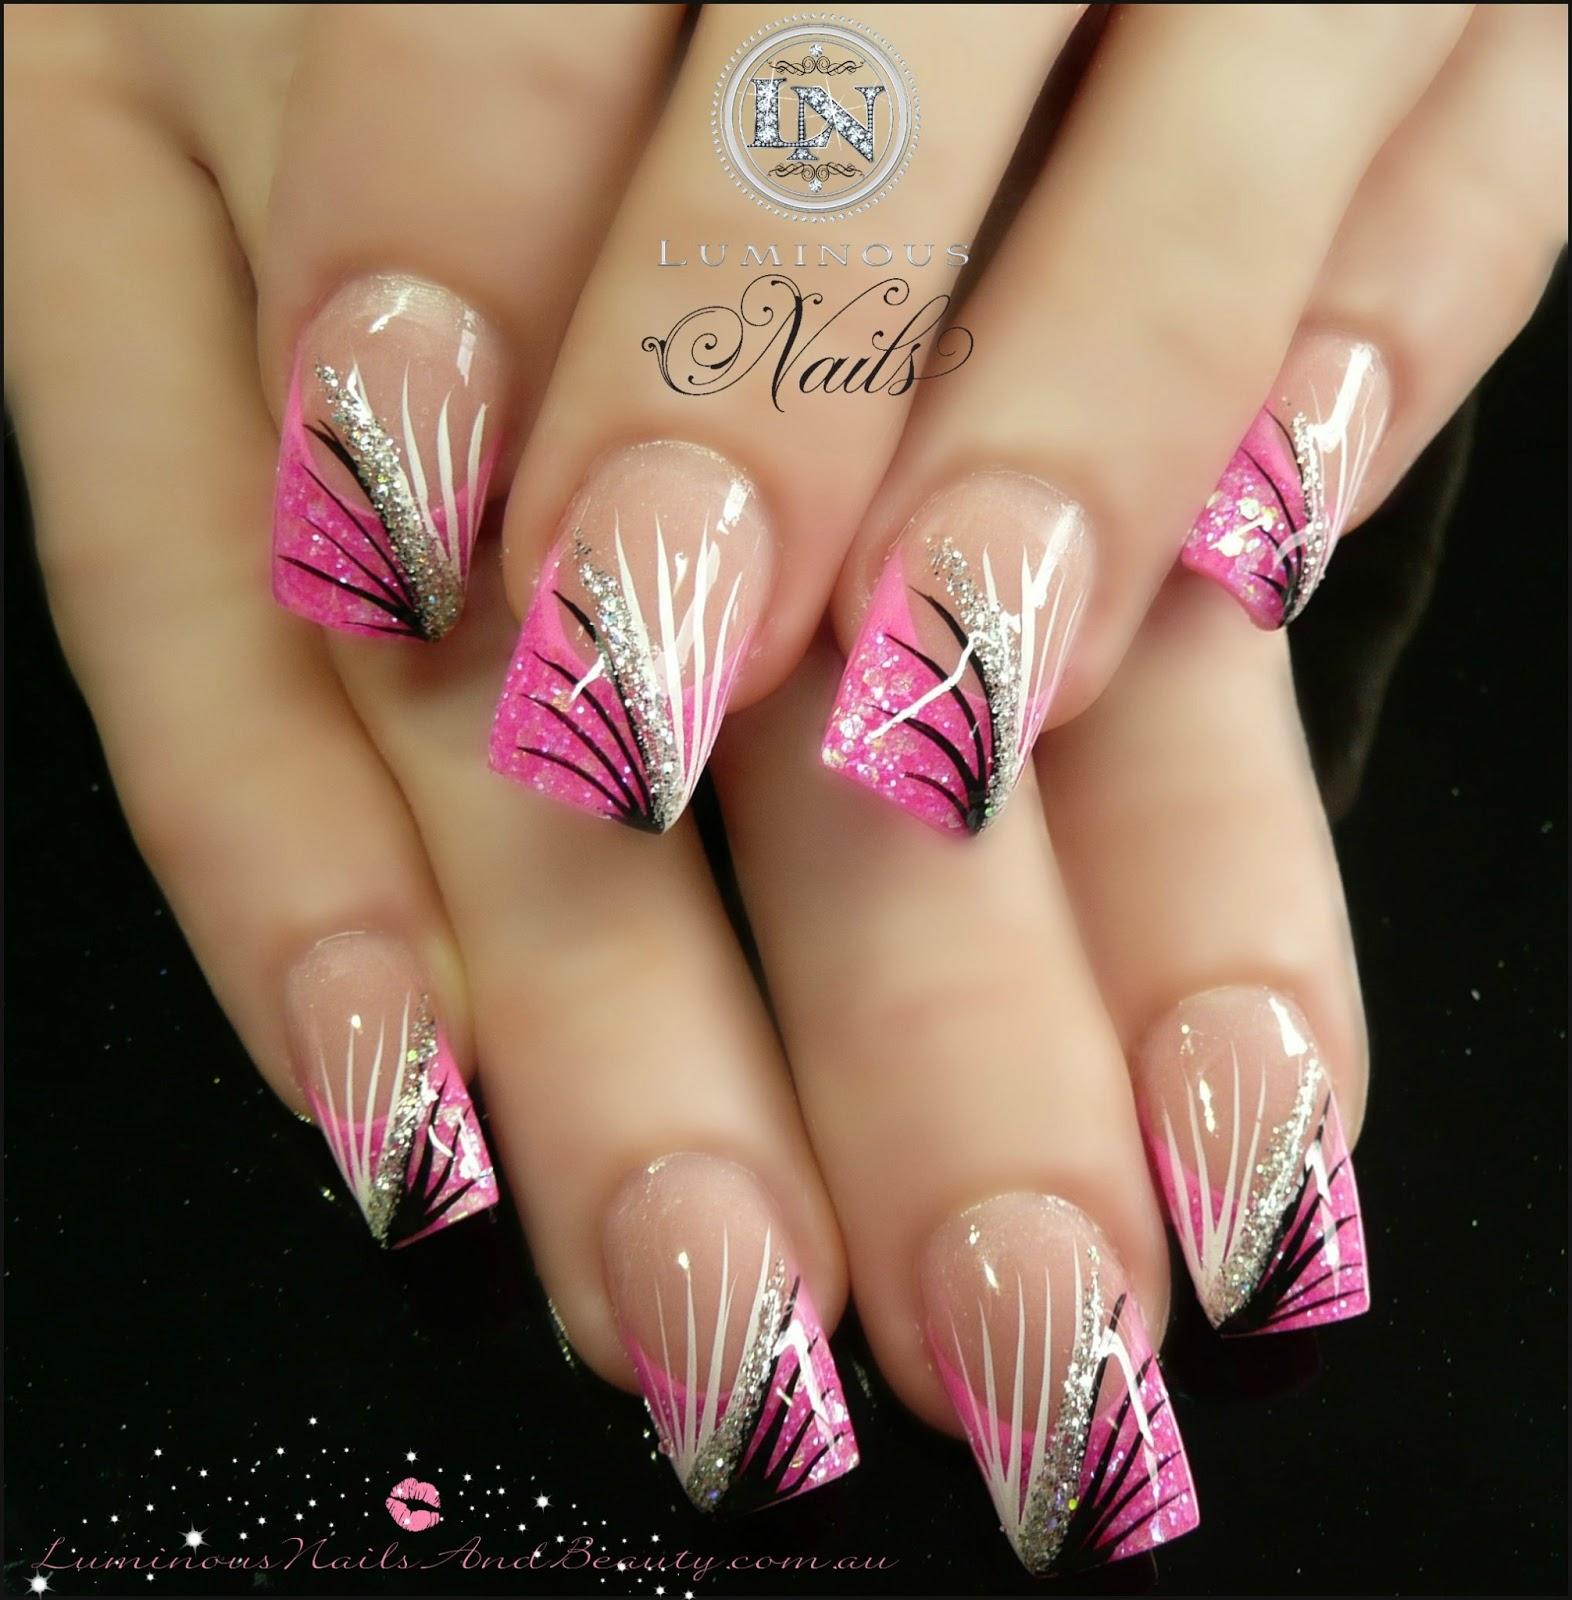 Pink Acrylic Nail Designs: Luminous Nails: April 2013